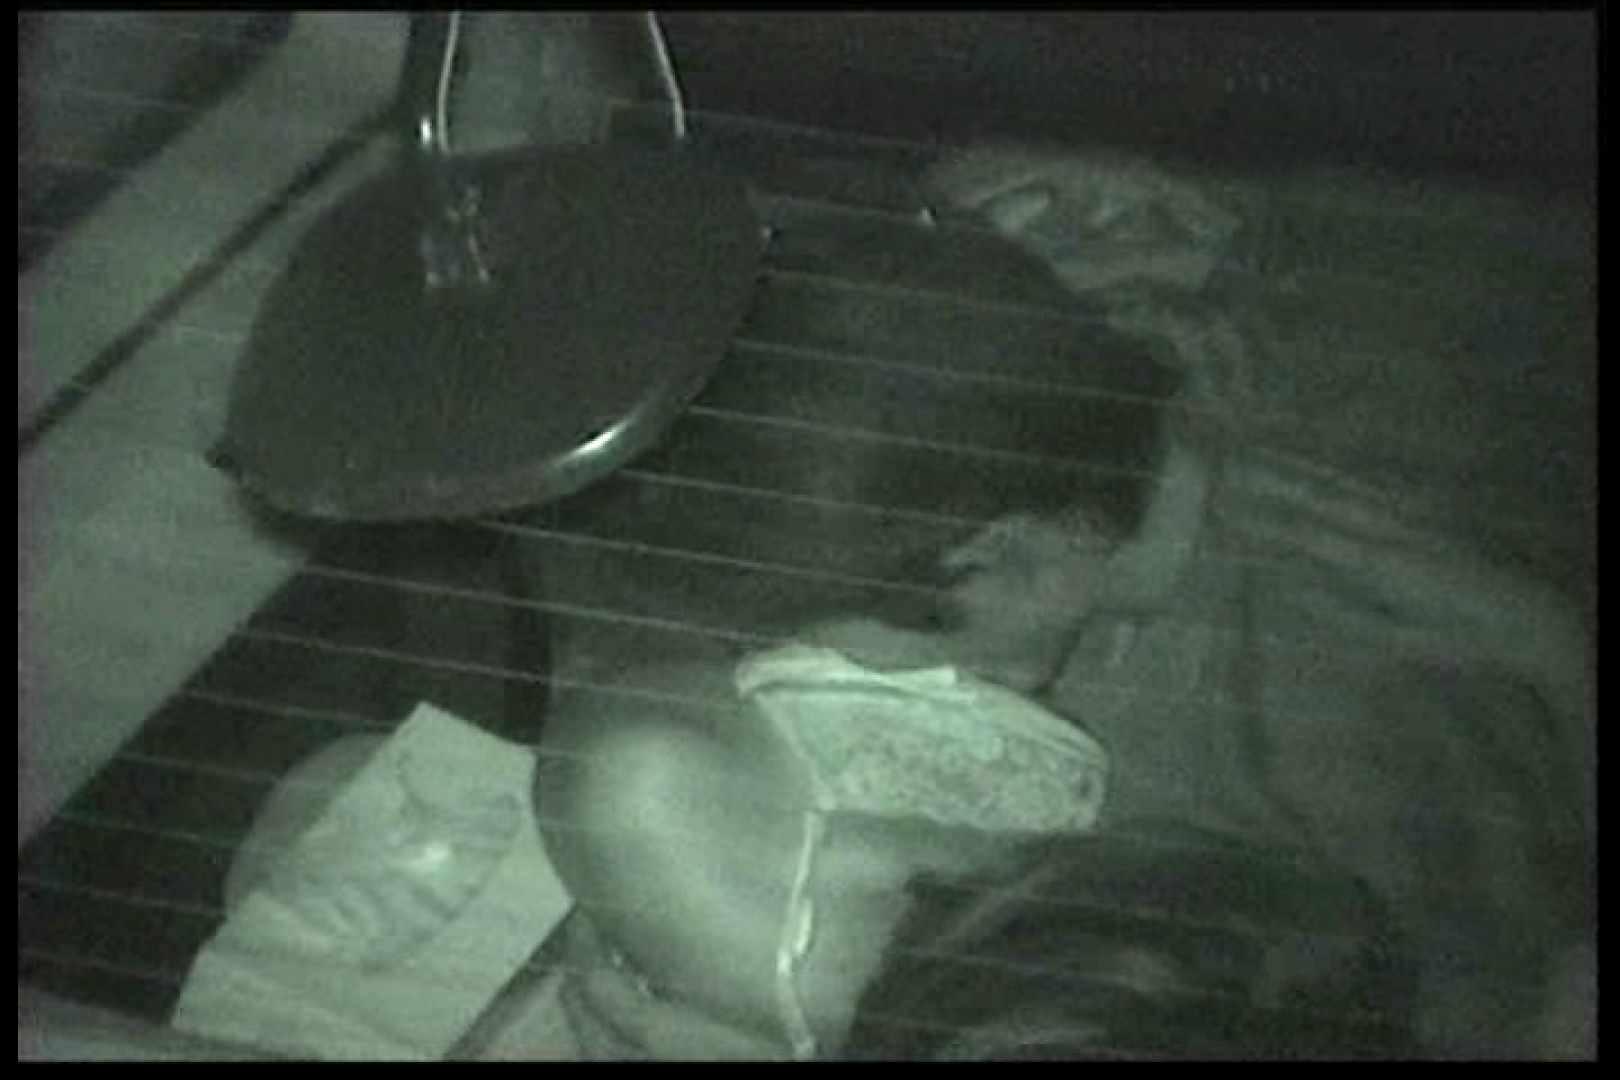 車の中はラブホテル 無修正版  Vol.14 ホテル 盗み撮り動画キャプチャ 100画像 82